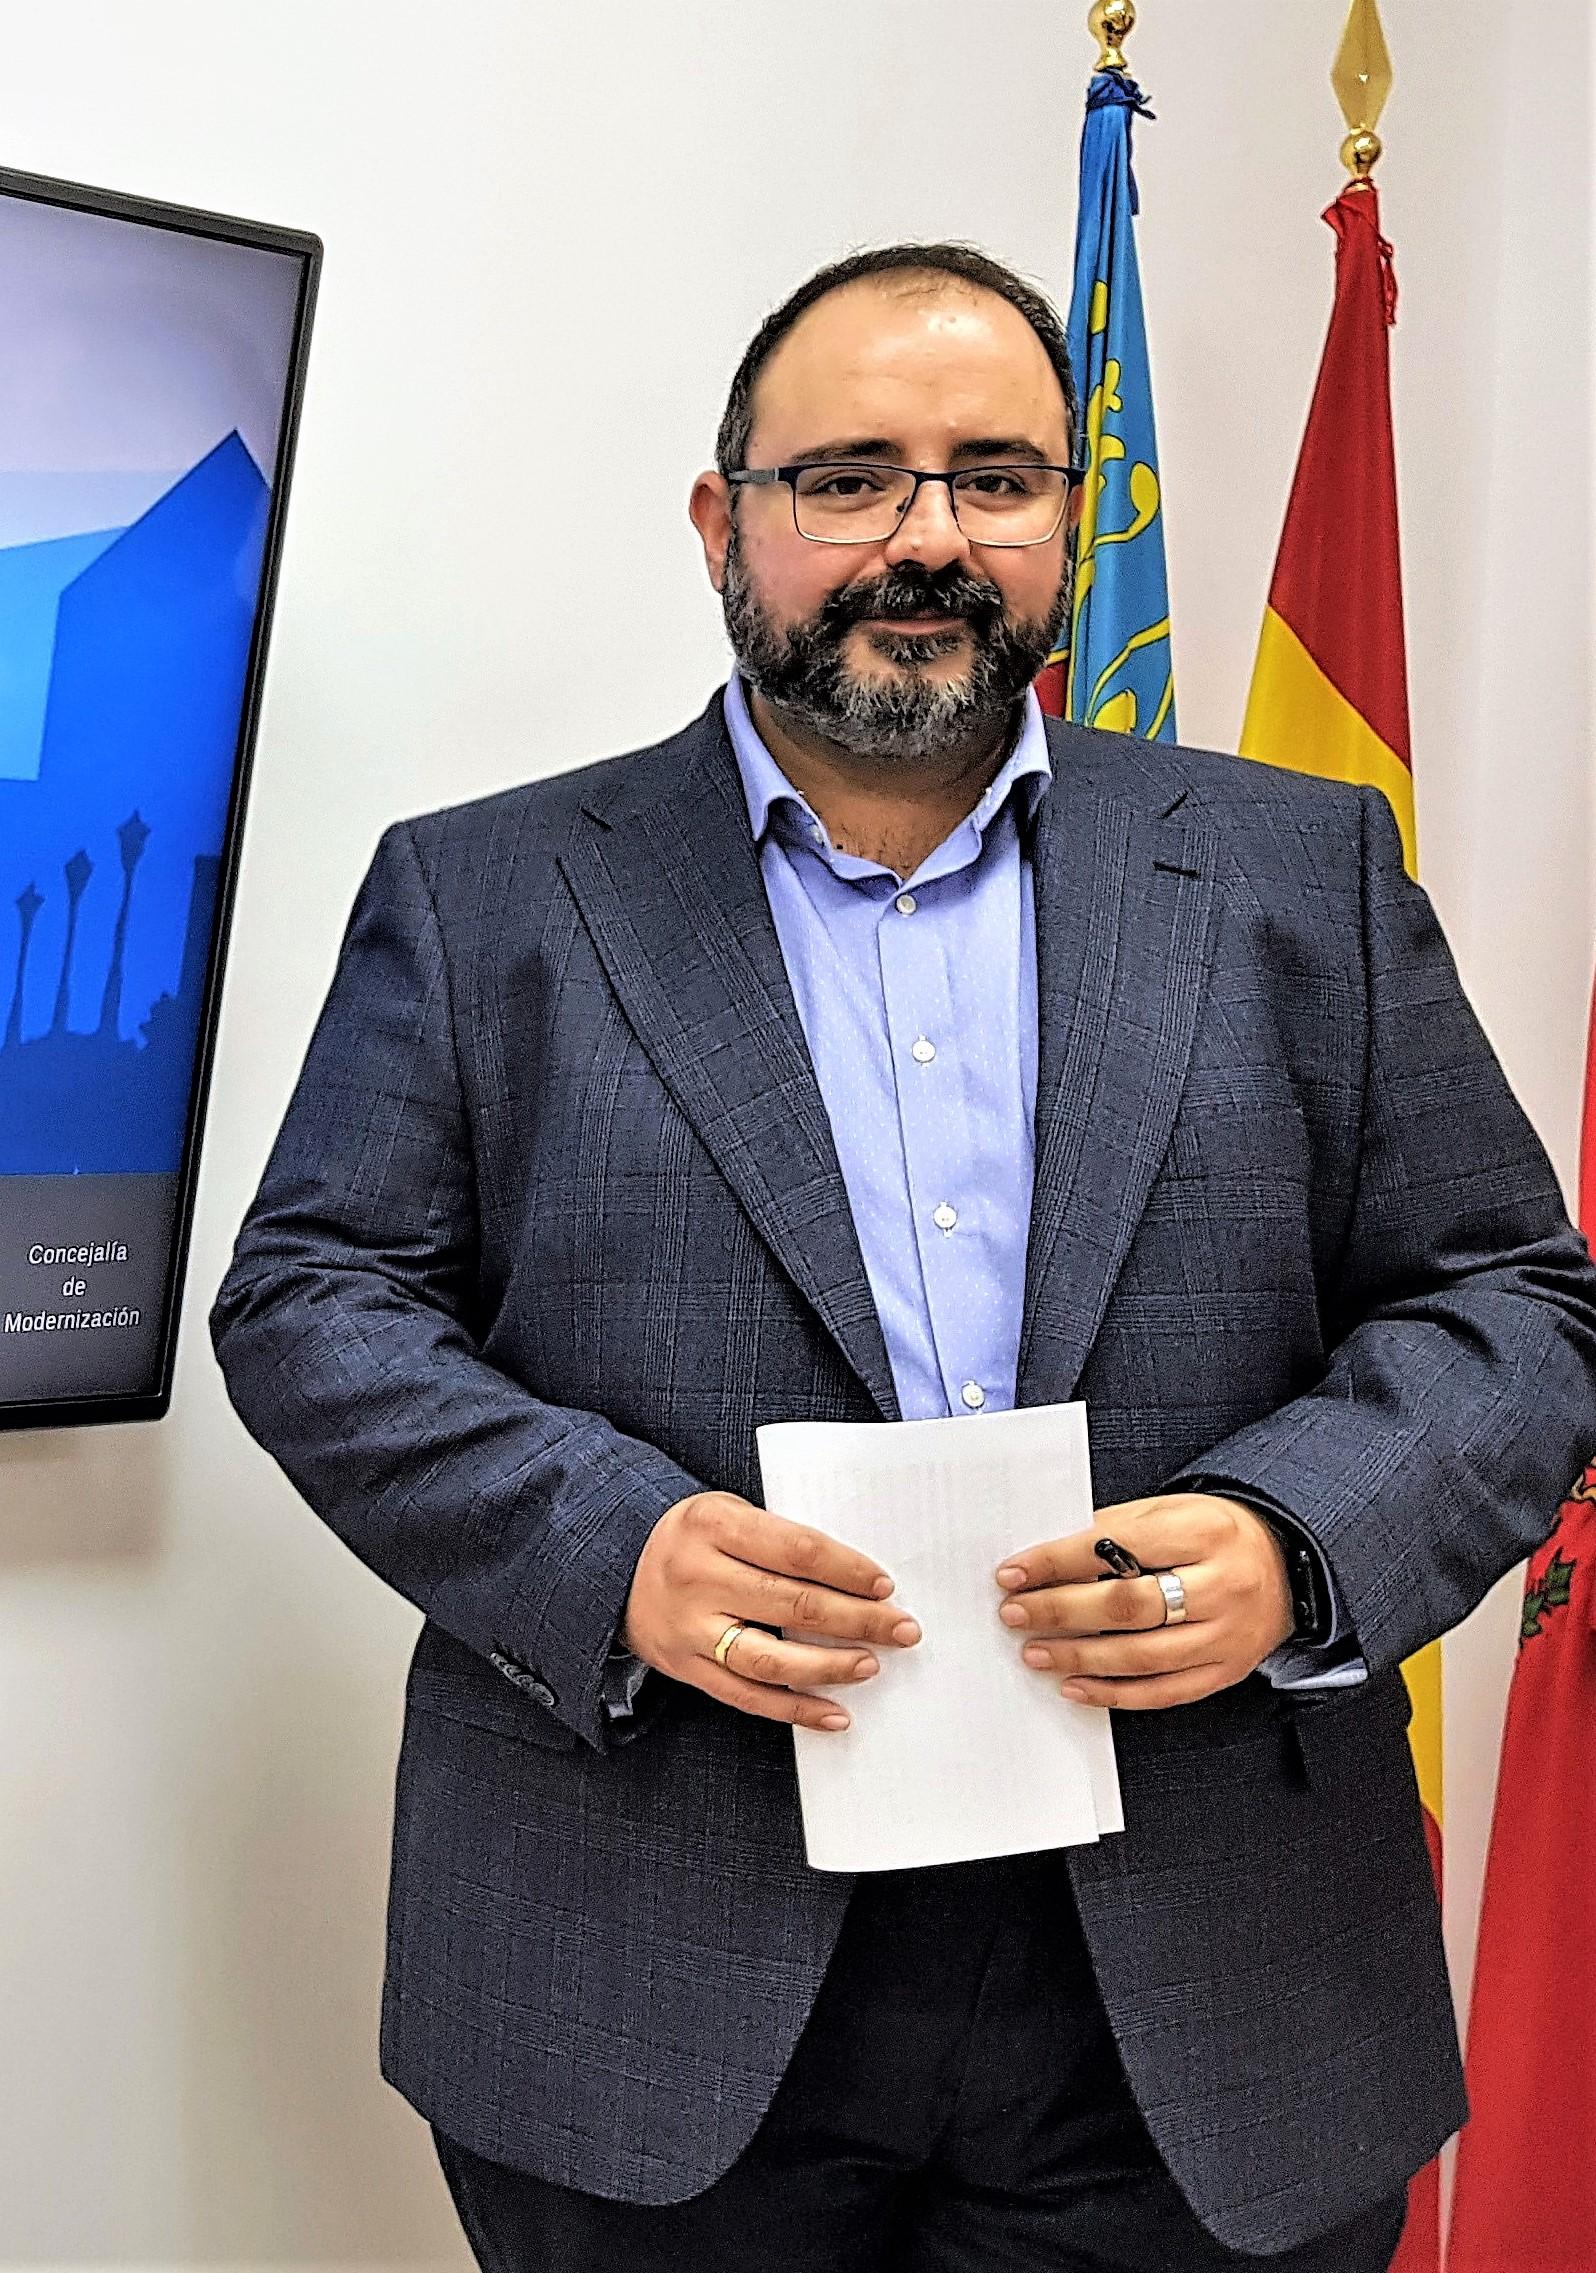 El Ayuntamiento de Elda renueva el convenio para que alumnos y alumnas de la Universidad de Alicante hagan prácticas en el Consistorio eldense